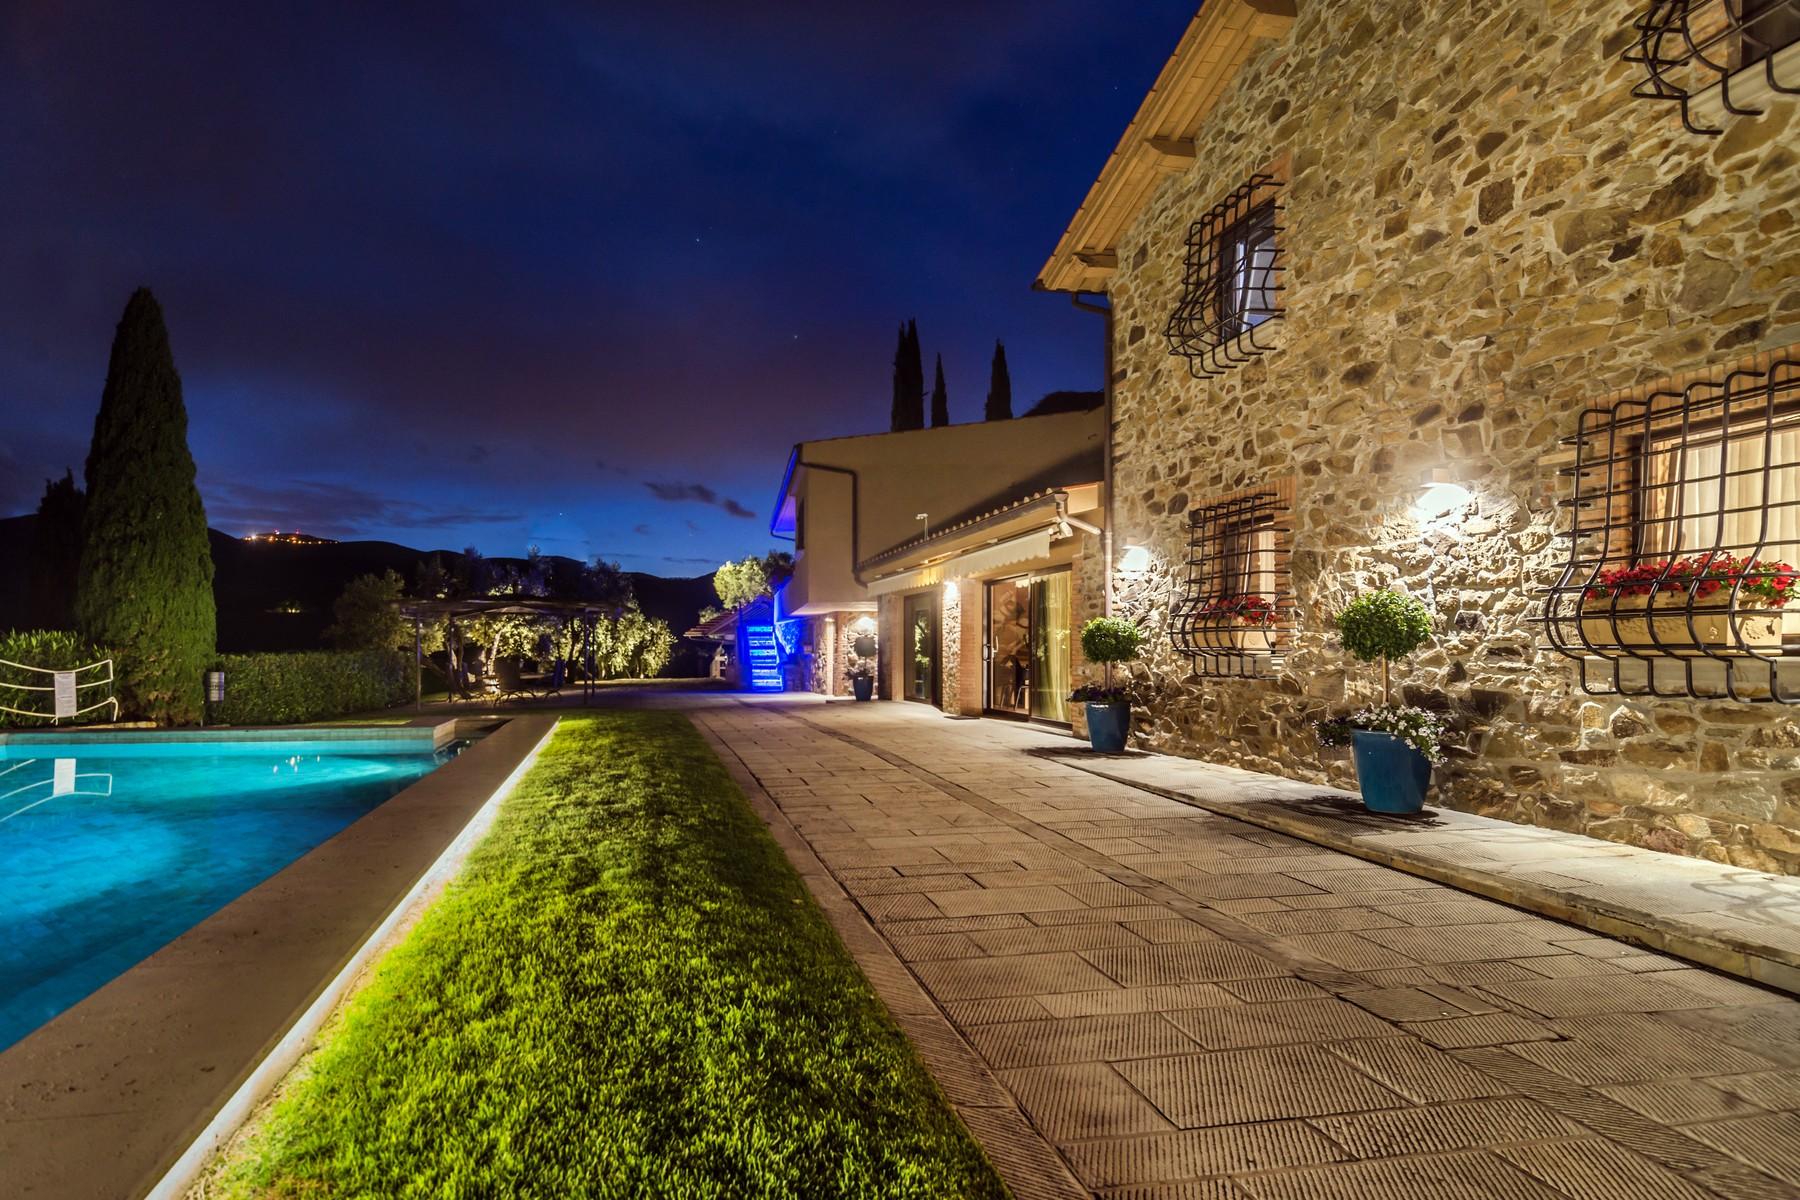 Inspirant propriété en toscane avec des vignoble et olivier